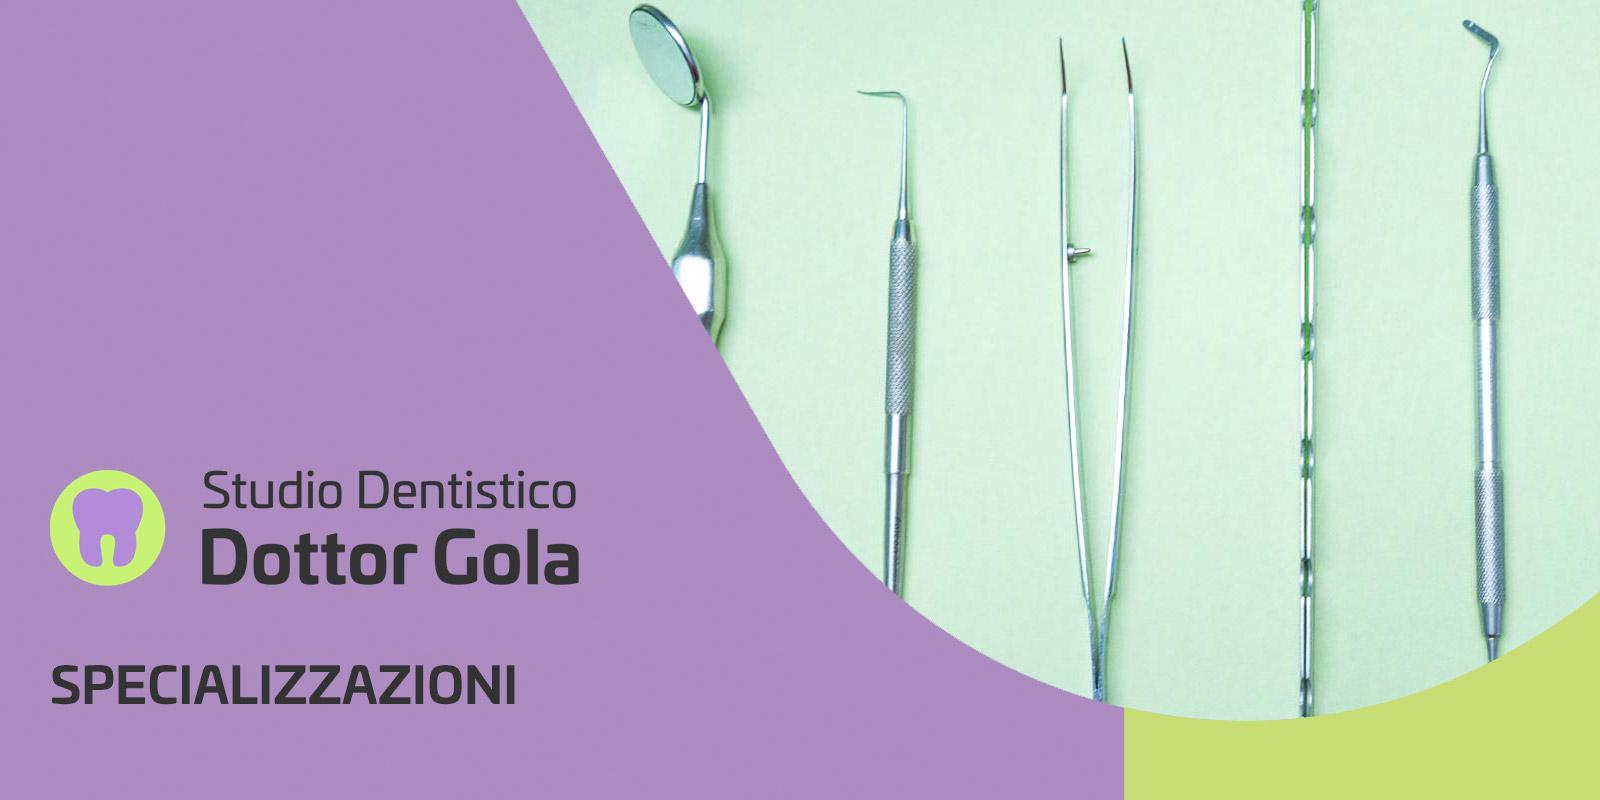 specializzazioni-dentista-gola-casteggio-pavia